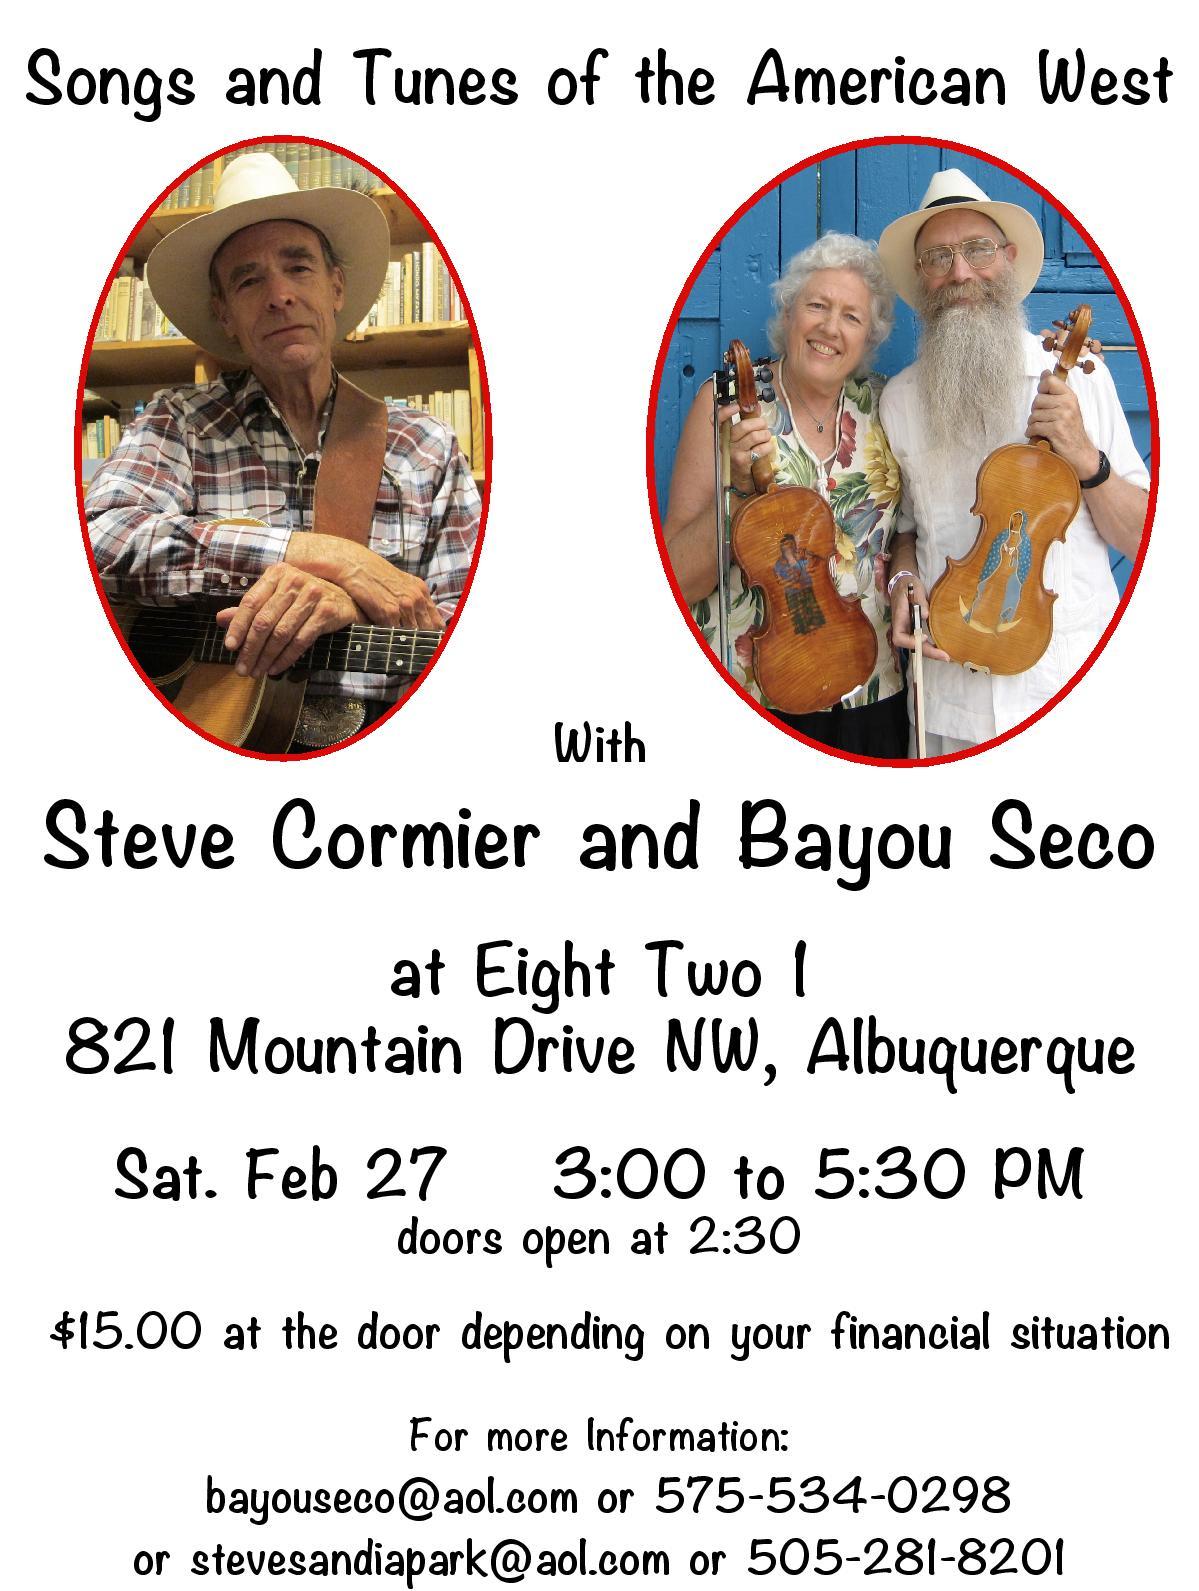 BS Cormier Concert